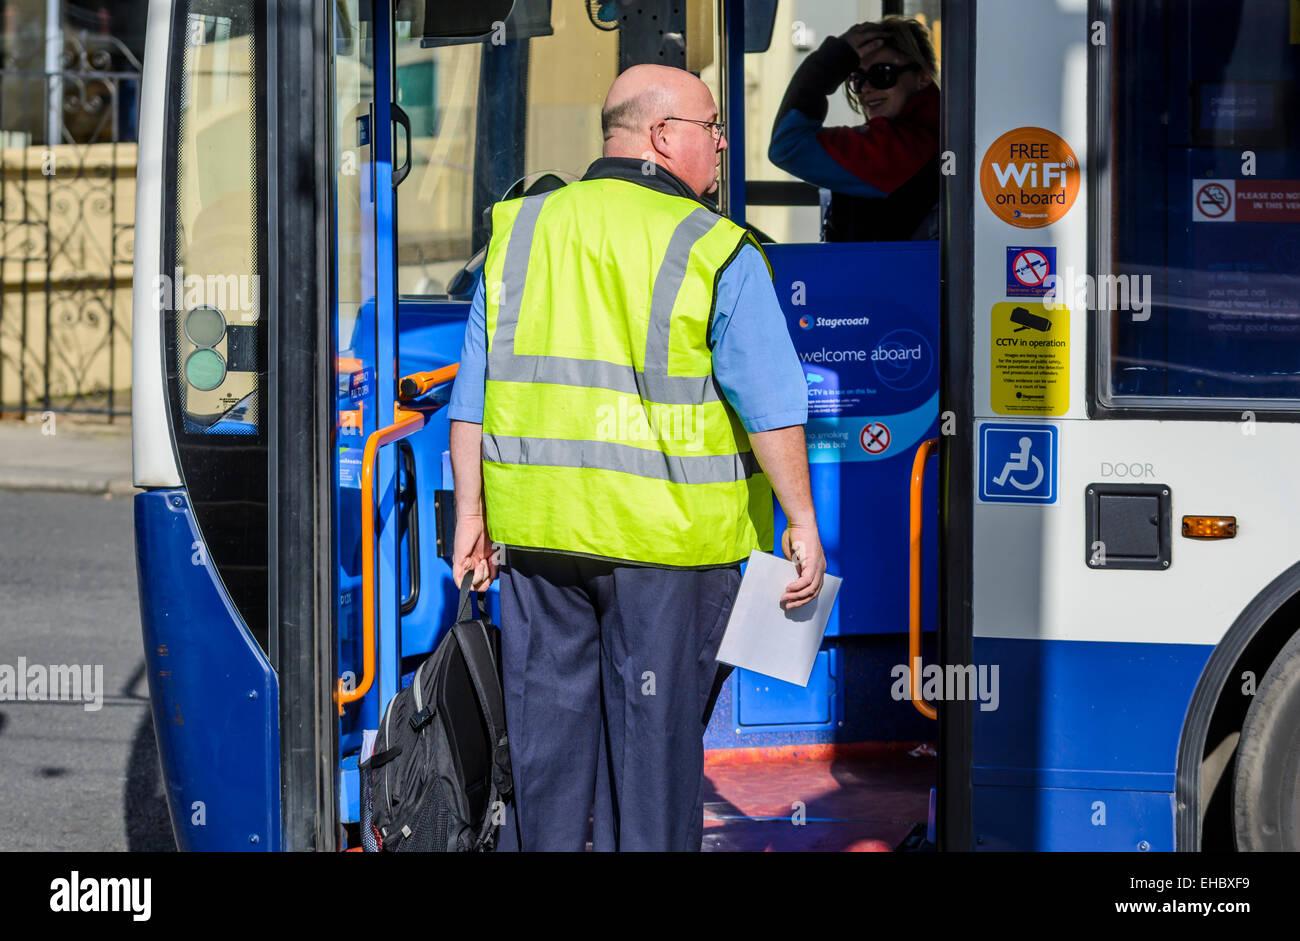 Hombres a bordo de un conductor de autobuses Stagecoach bus para tomar el relevo de otro conductor. Imagen De Stock